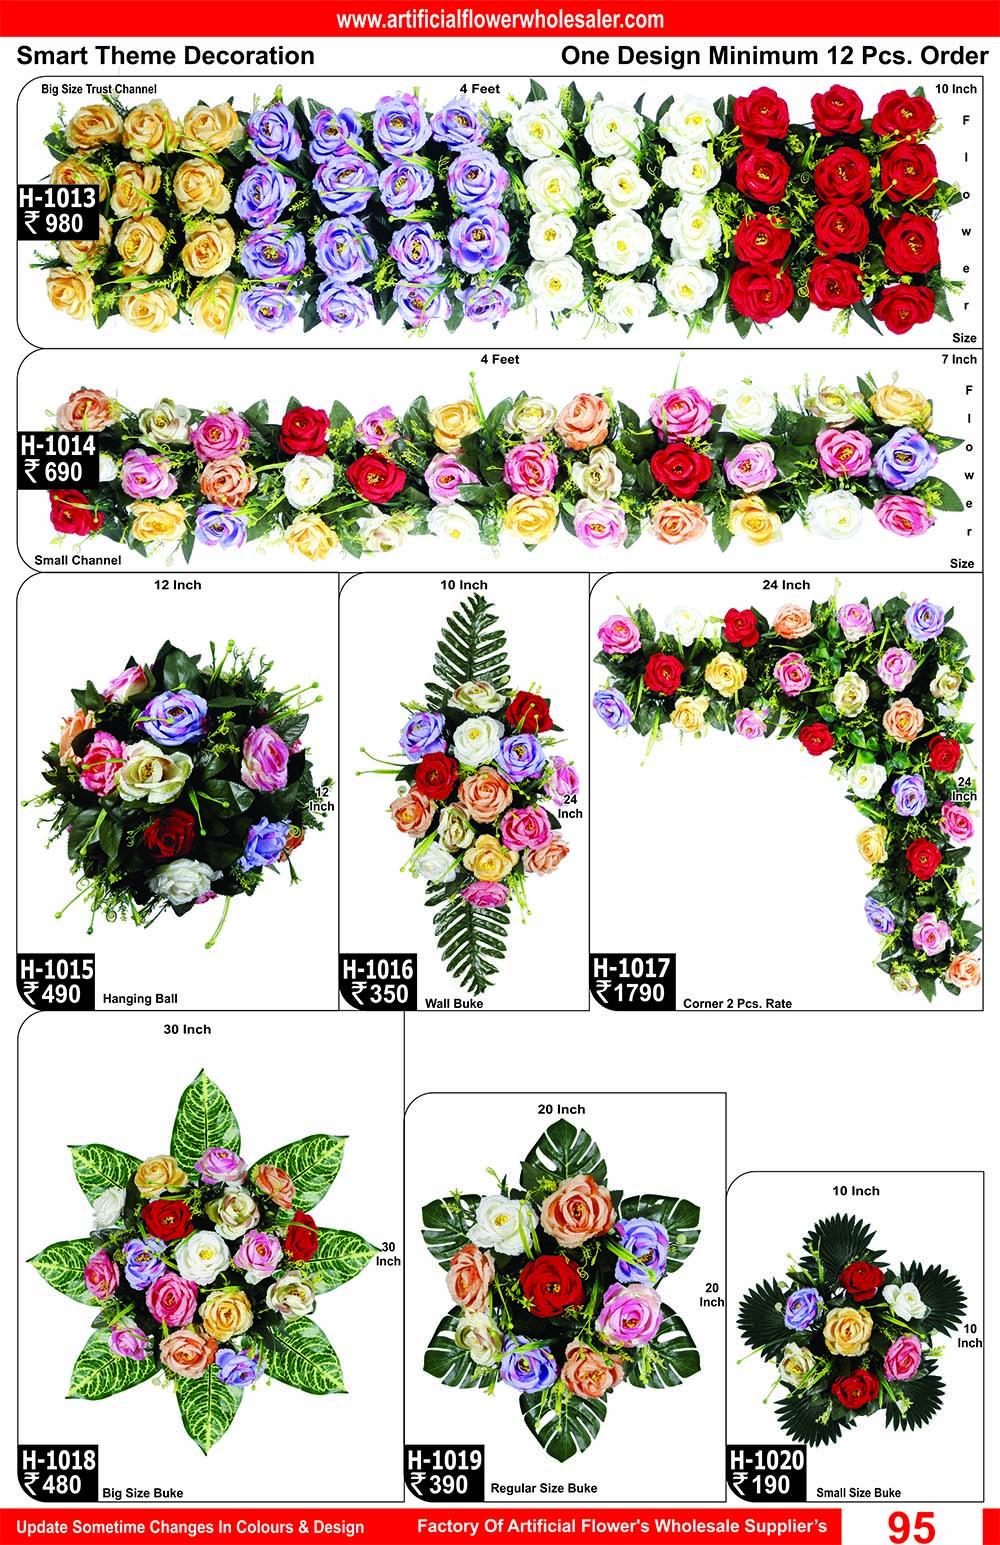 95-artificial-flower-wholesaler